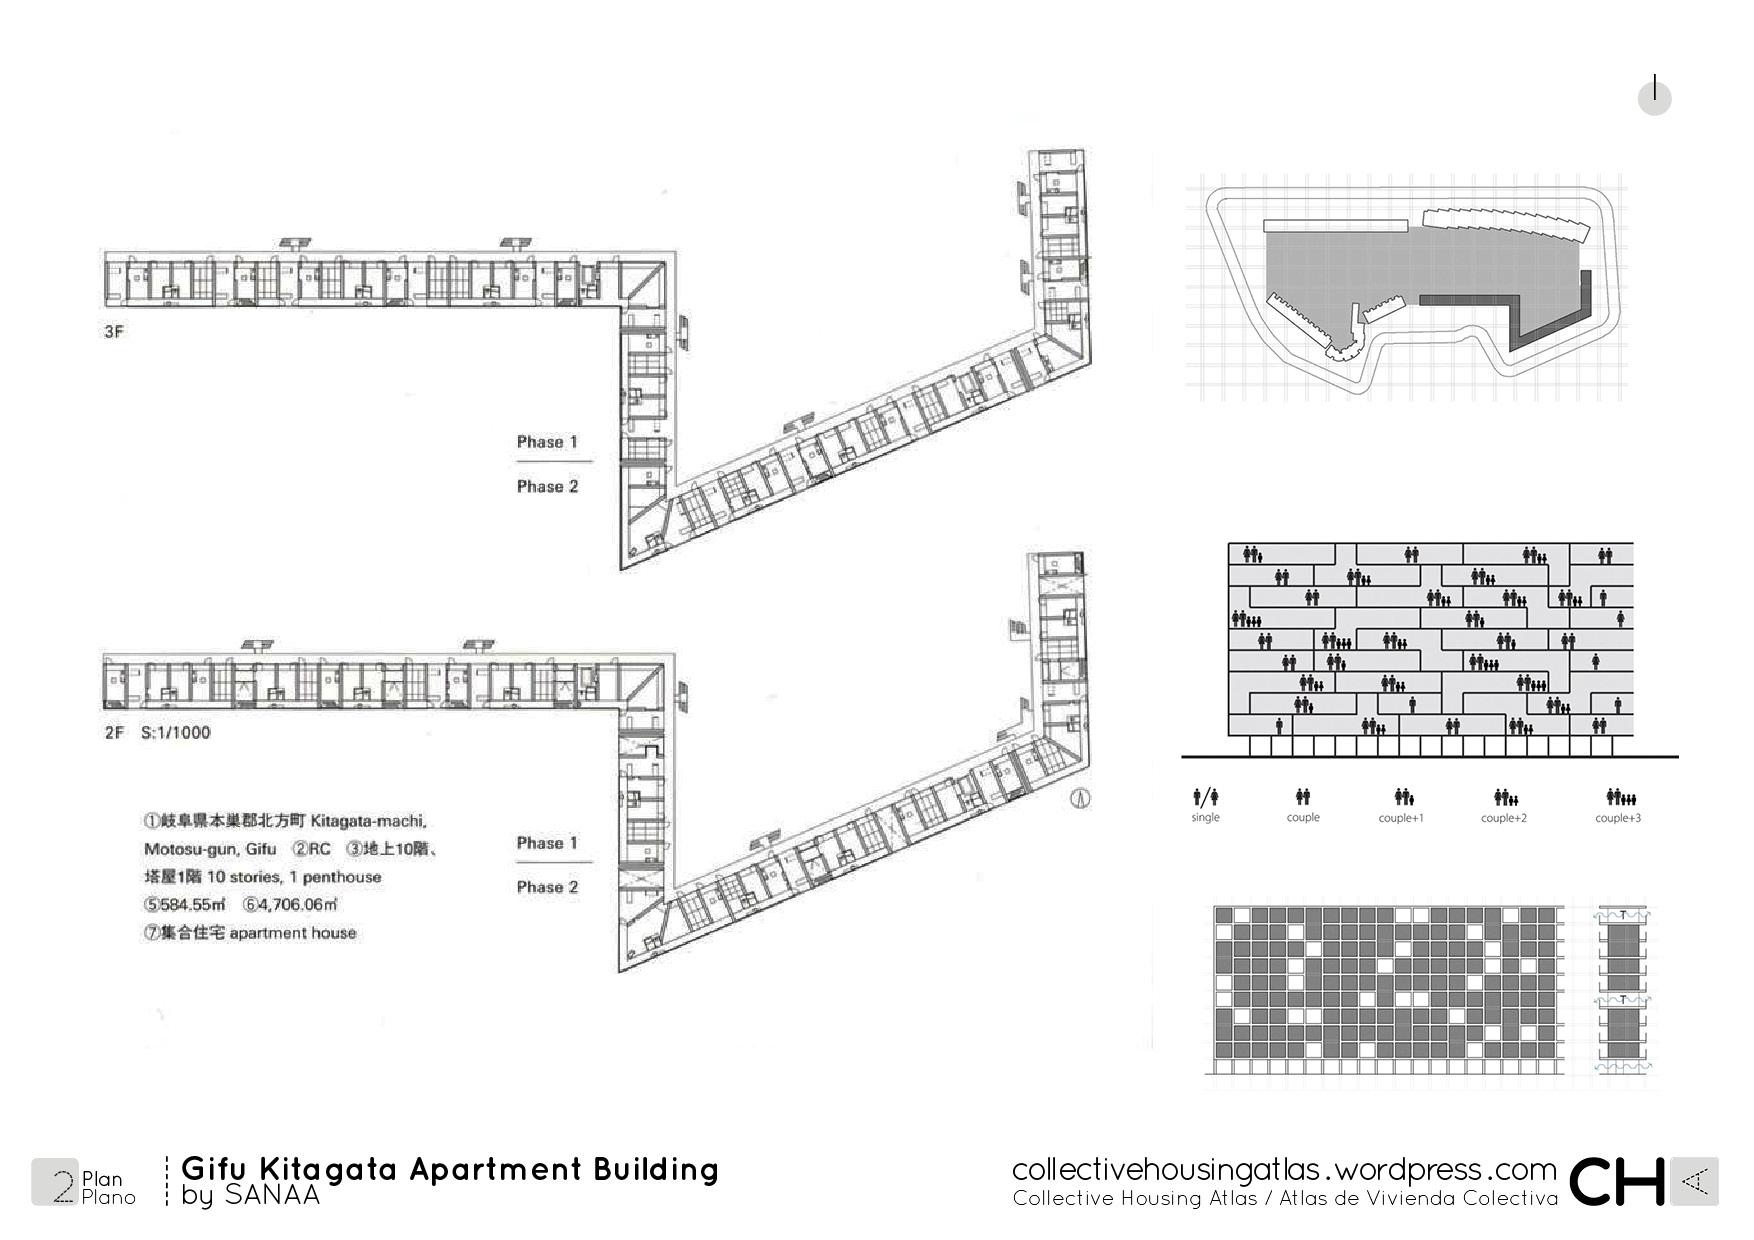 cha 130712 gifu_kitagata_apartment_building sanaa2